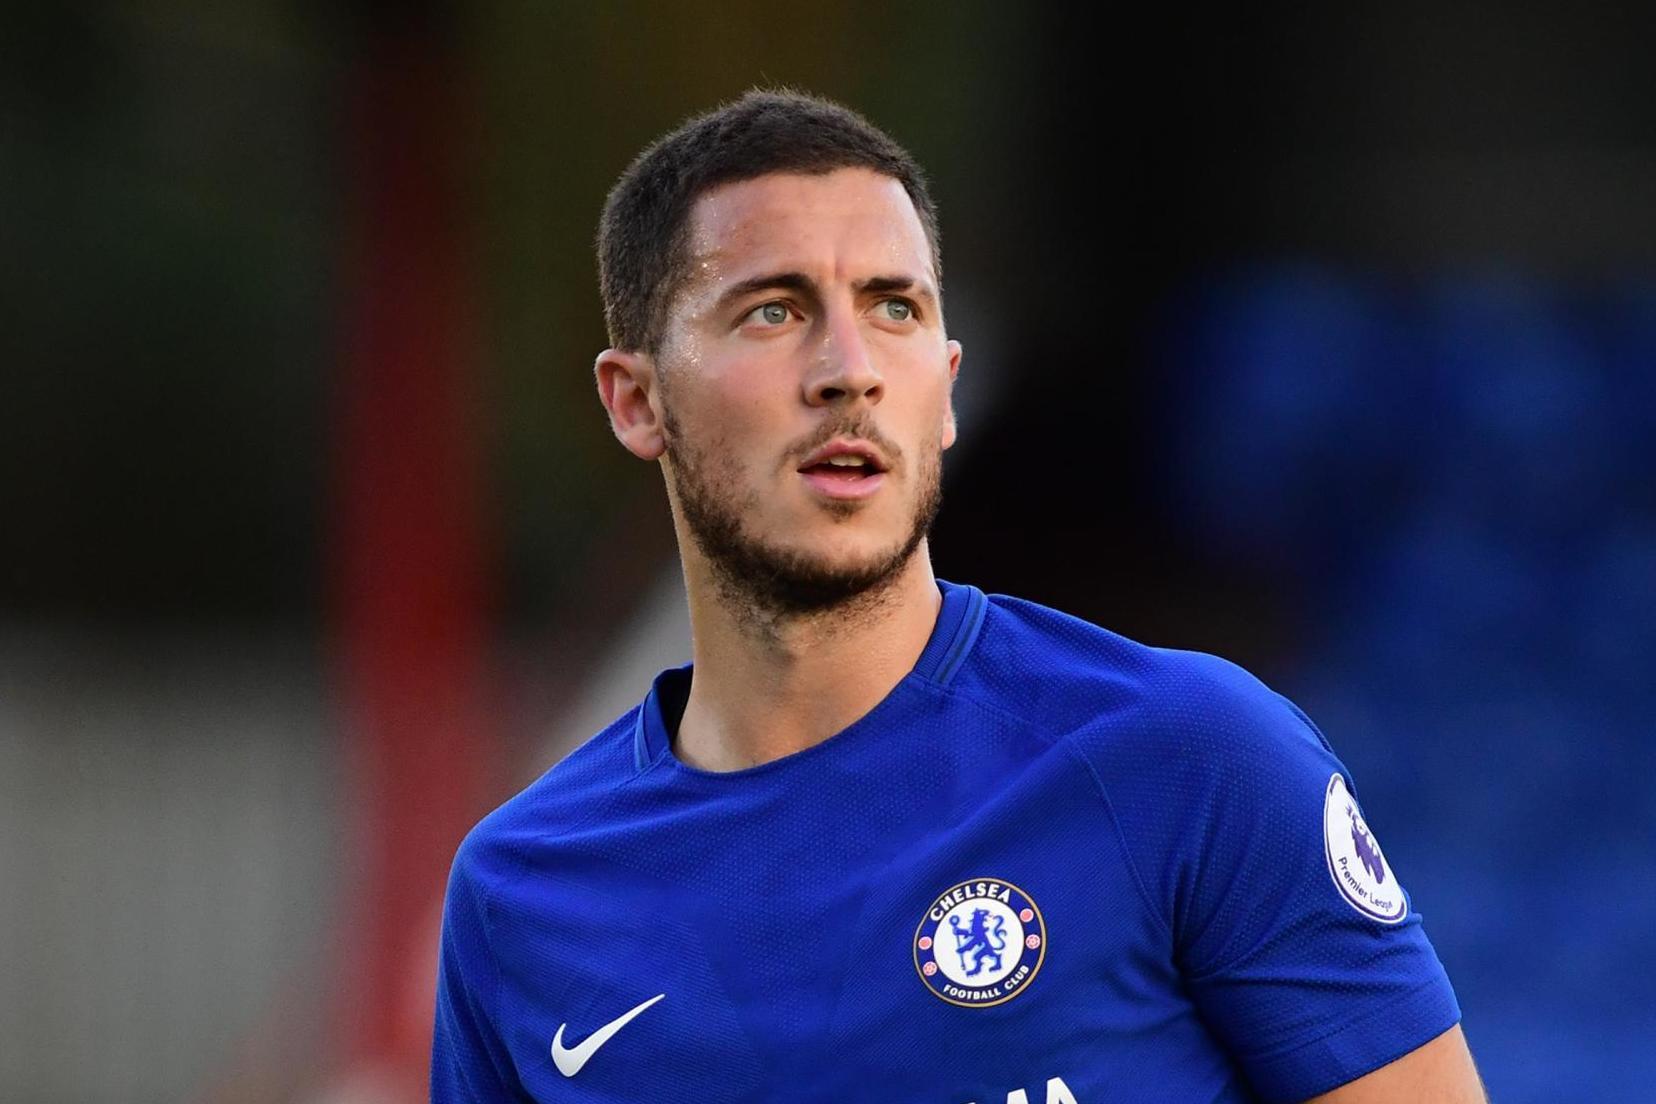 """Không ít fan nữ ở Việt Nam hâm mộ Chelsea nên hẳn cũng không lạ gì """"cục cưng"""" của đội tuyển Bỉ Eden Hazard. Thật đáng tự hào cho người Bỉ khi anh chàng là ngôi sáng nhất không chỉ bởi tài năng mà cả ngoại hình """"chuẩn men""""."""